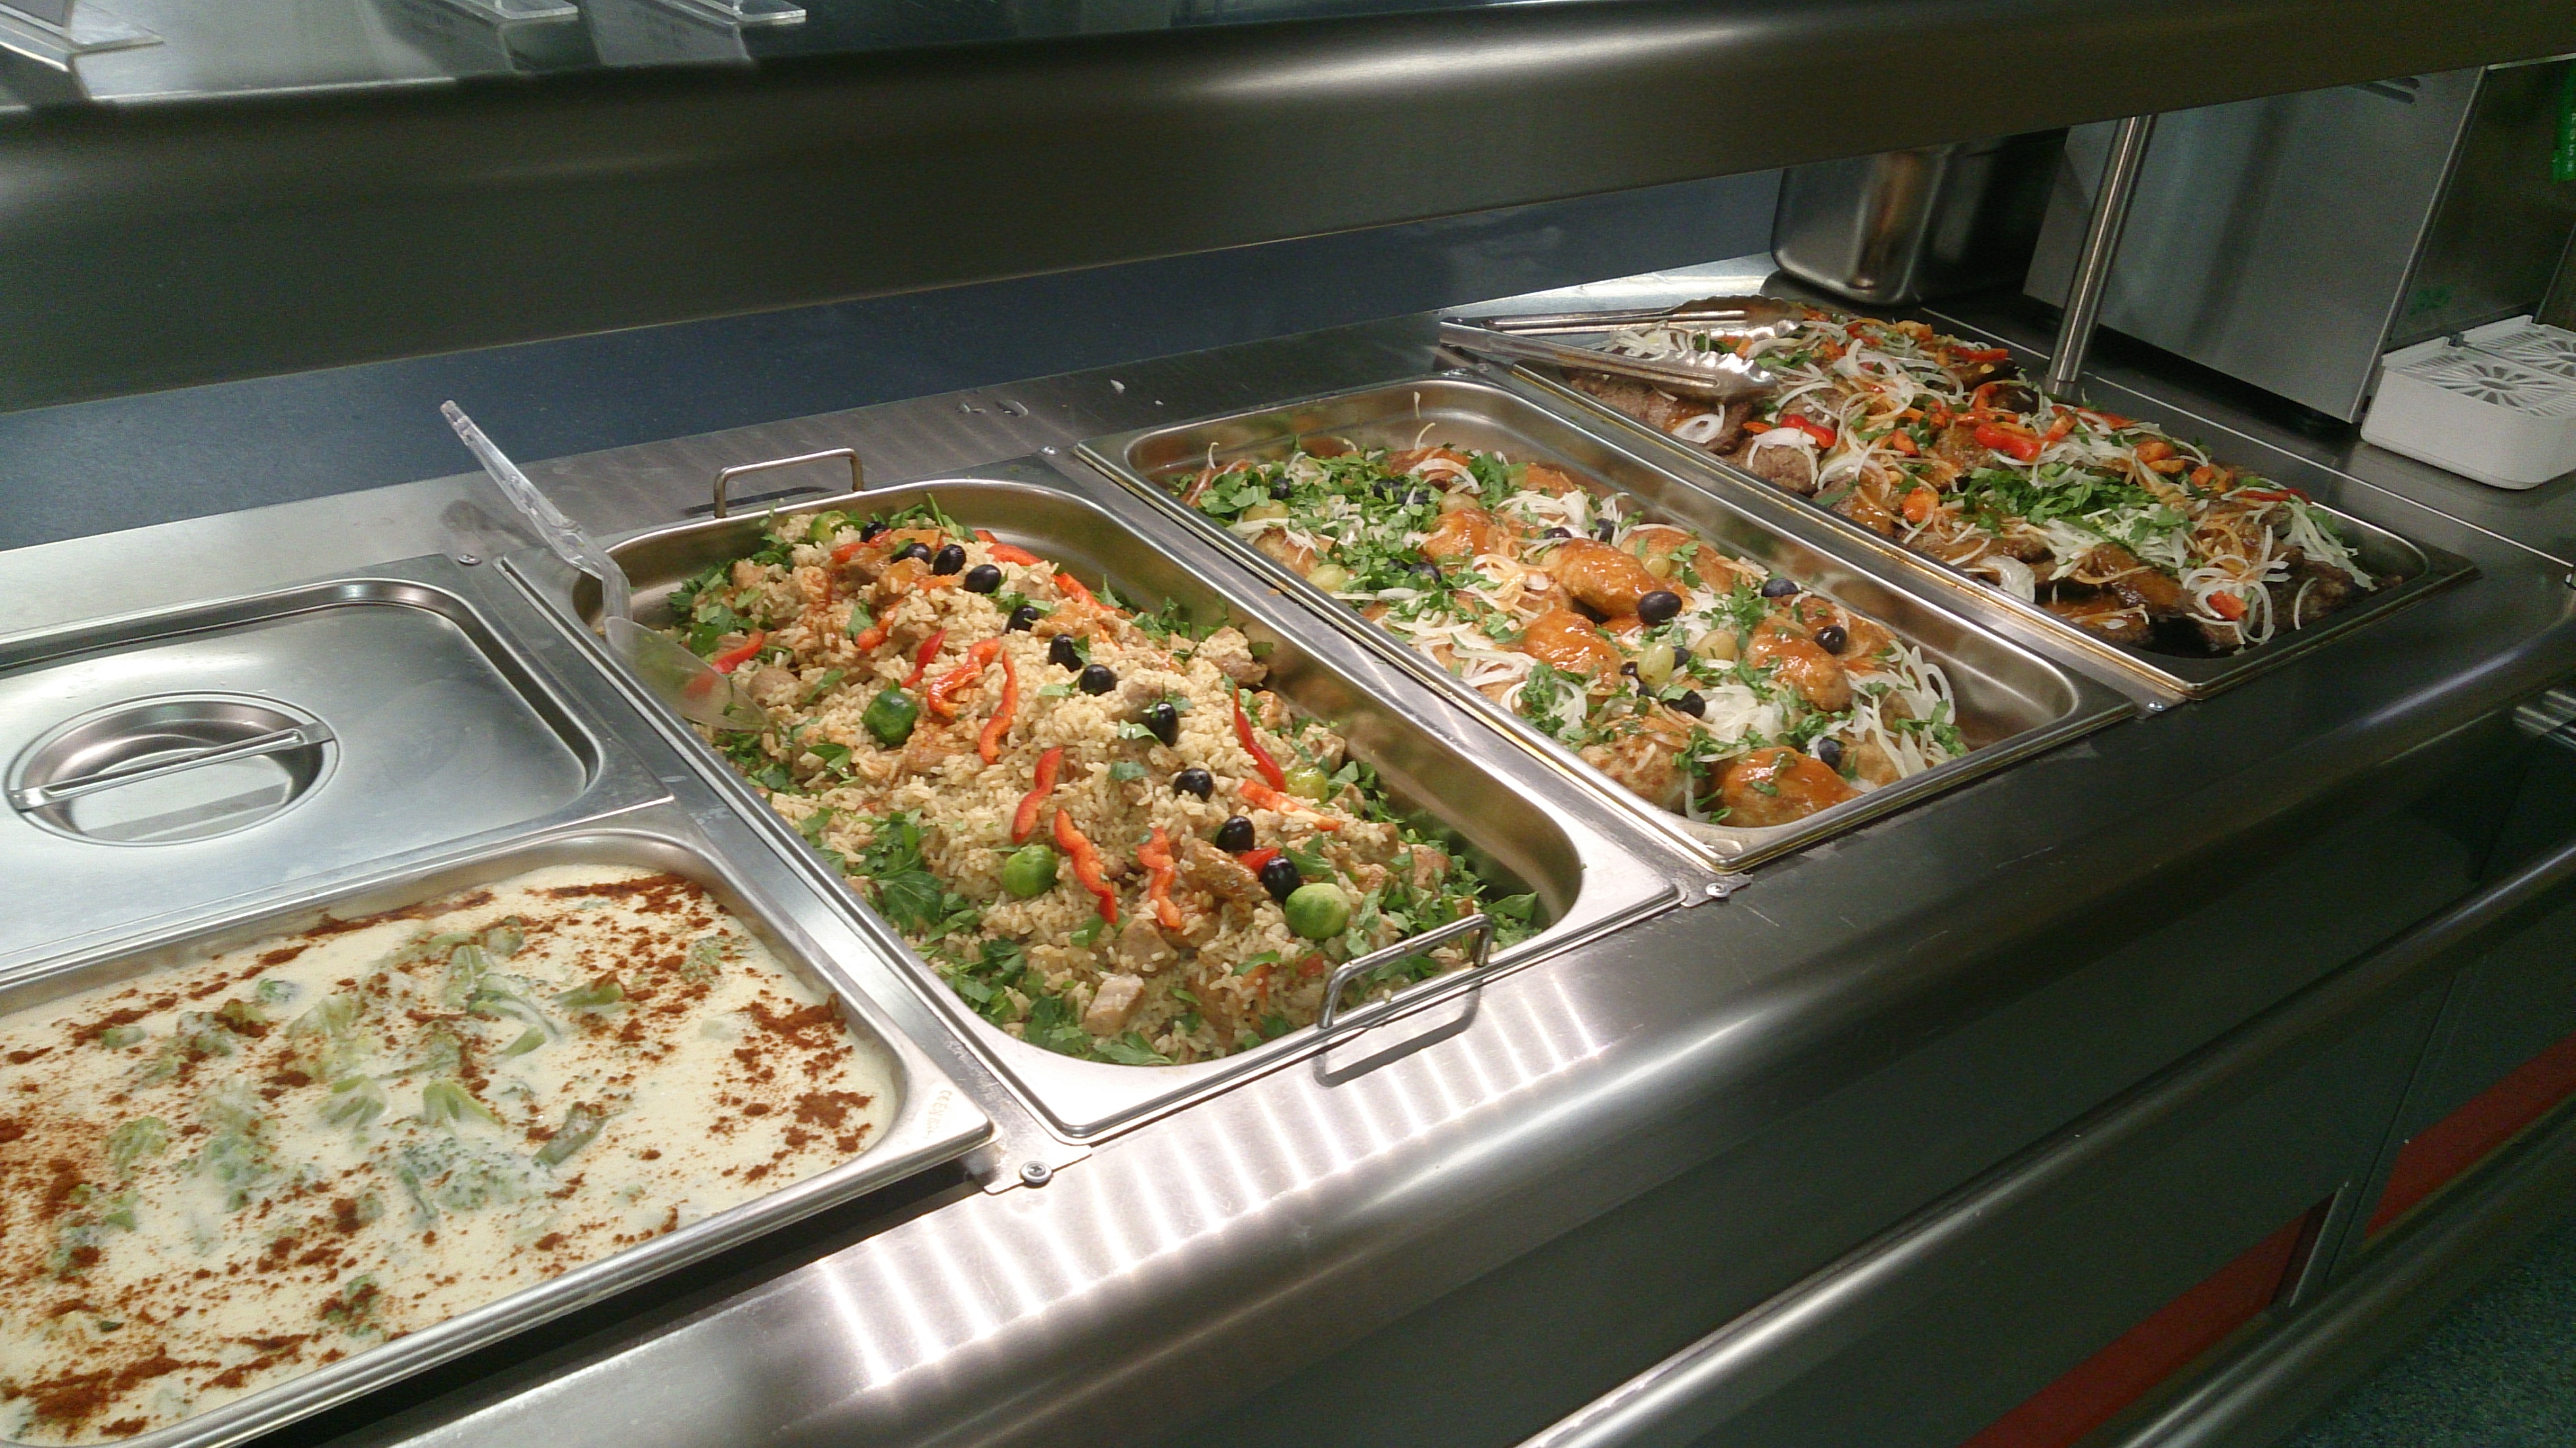 Фото приготовление блюд, с обучением поваров